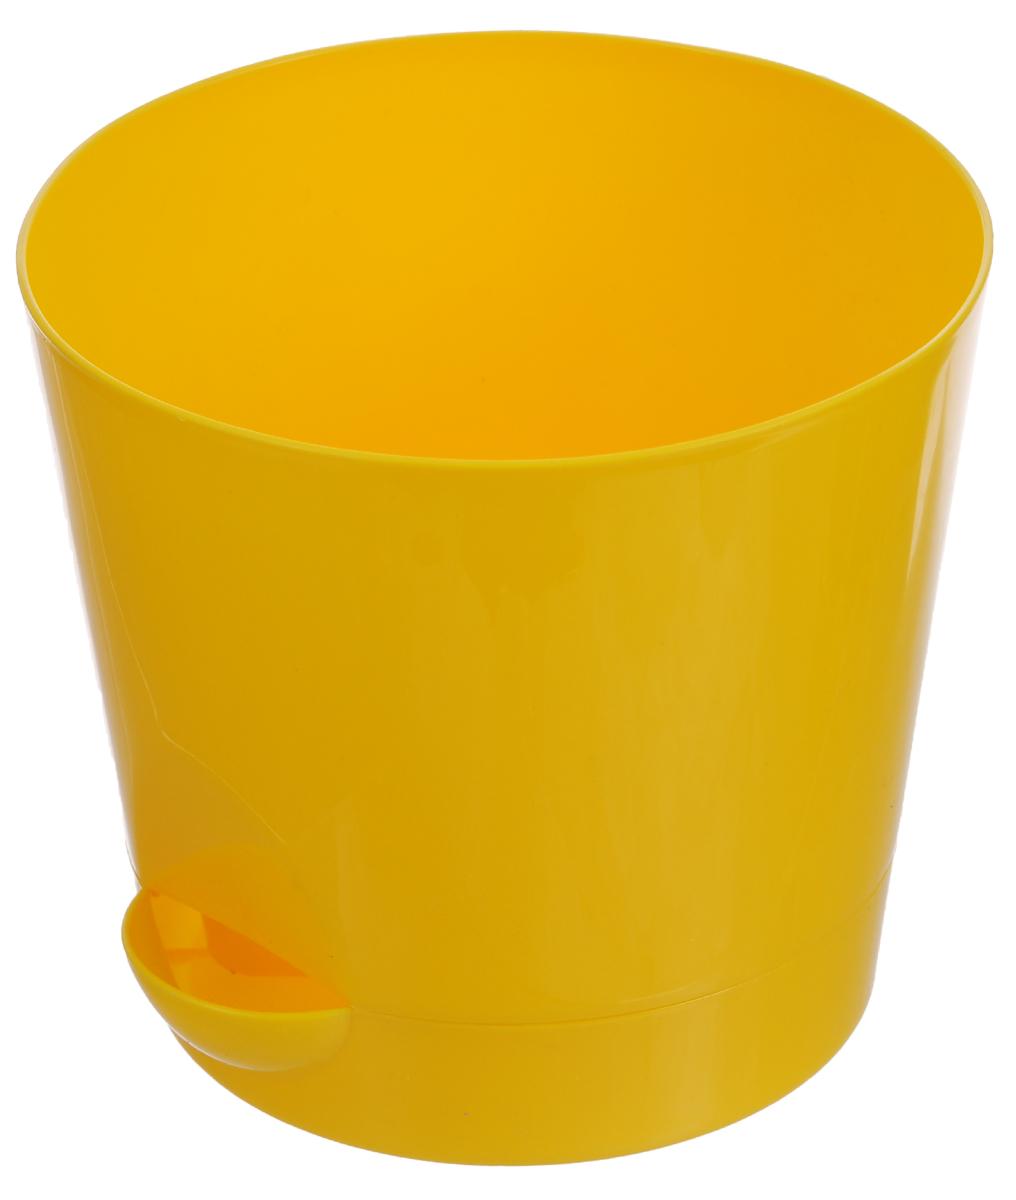 Кашпо Idea Ника, с прикорневым поливом, с поддоном, цвет: желтый, 800 млМ 3071_желтыйКашпо Idea Ника изготовлено из высококачественного полипропилена. В комплект входит поддон со специальной выемкой, благодаря которому имеется возможность прикорневого полива. Изделие подходит для выращивания растений и цветов в домашних условиях. Такое кашпо станет прекрасным дополнением интерьера. Объем горшка: 800 мл. Диаметр горшка (по верхнему краю): 12 см. Высота горшка: 10,7 см. Диаметр поддона: 10 см.